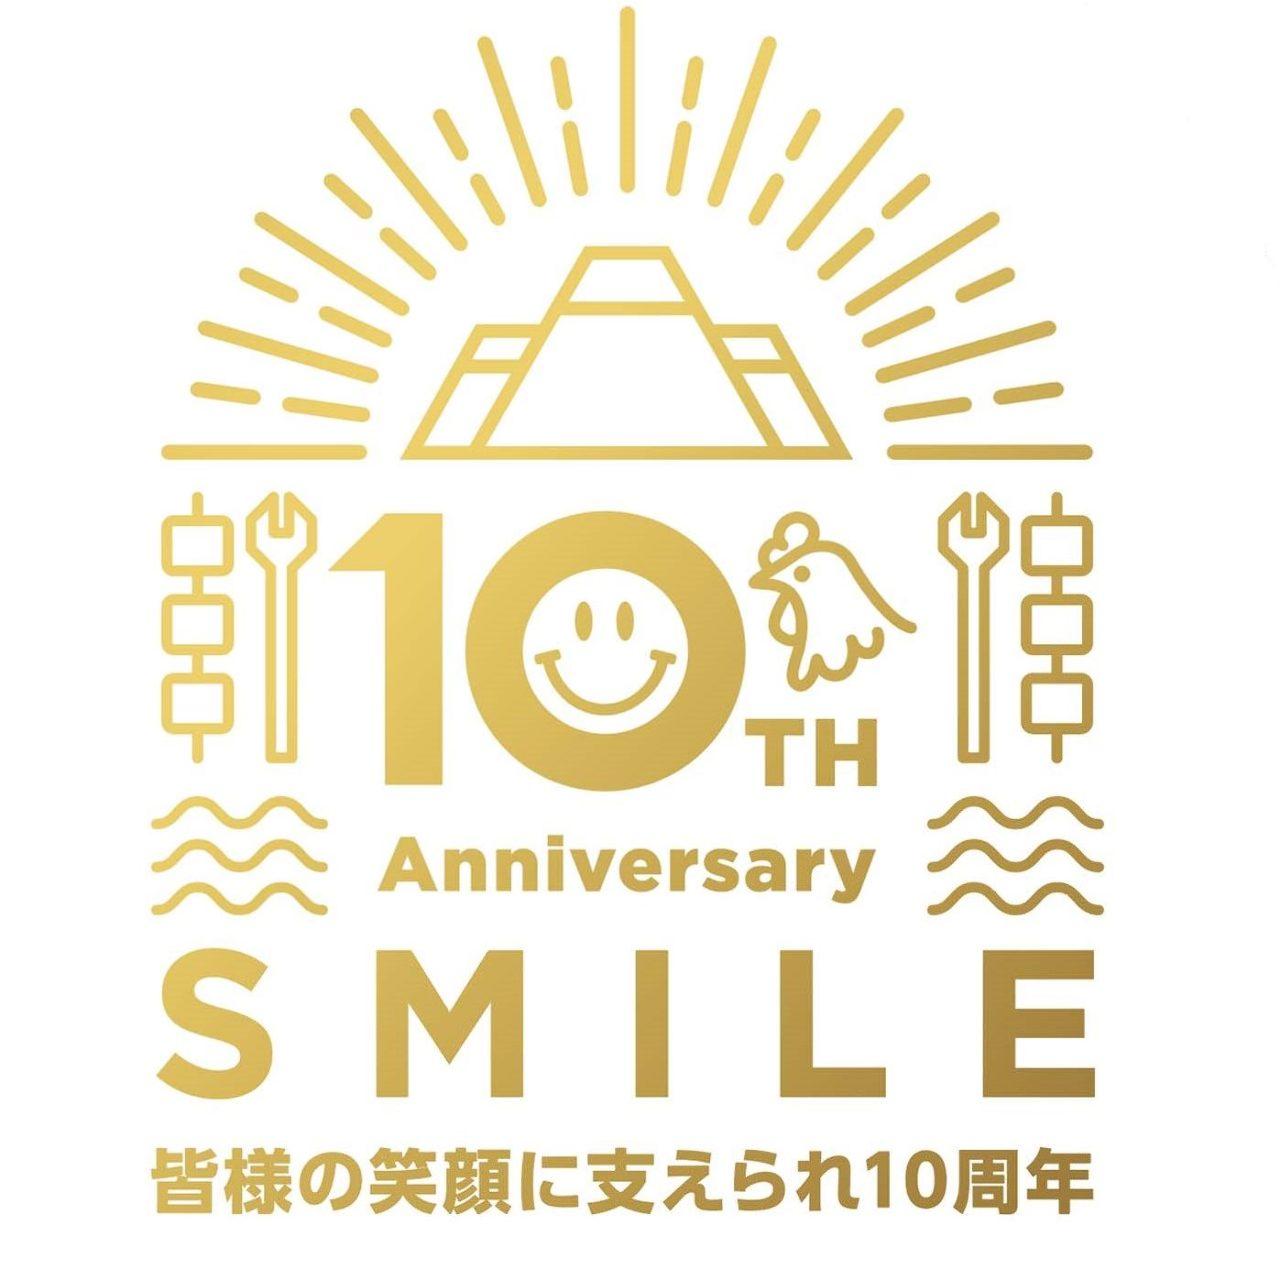 佐賀県 笑顔ランキングTOP10